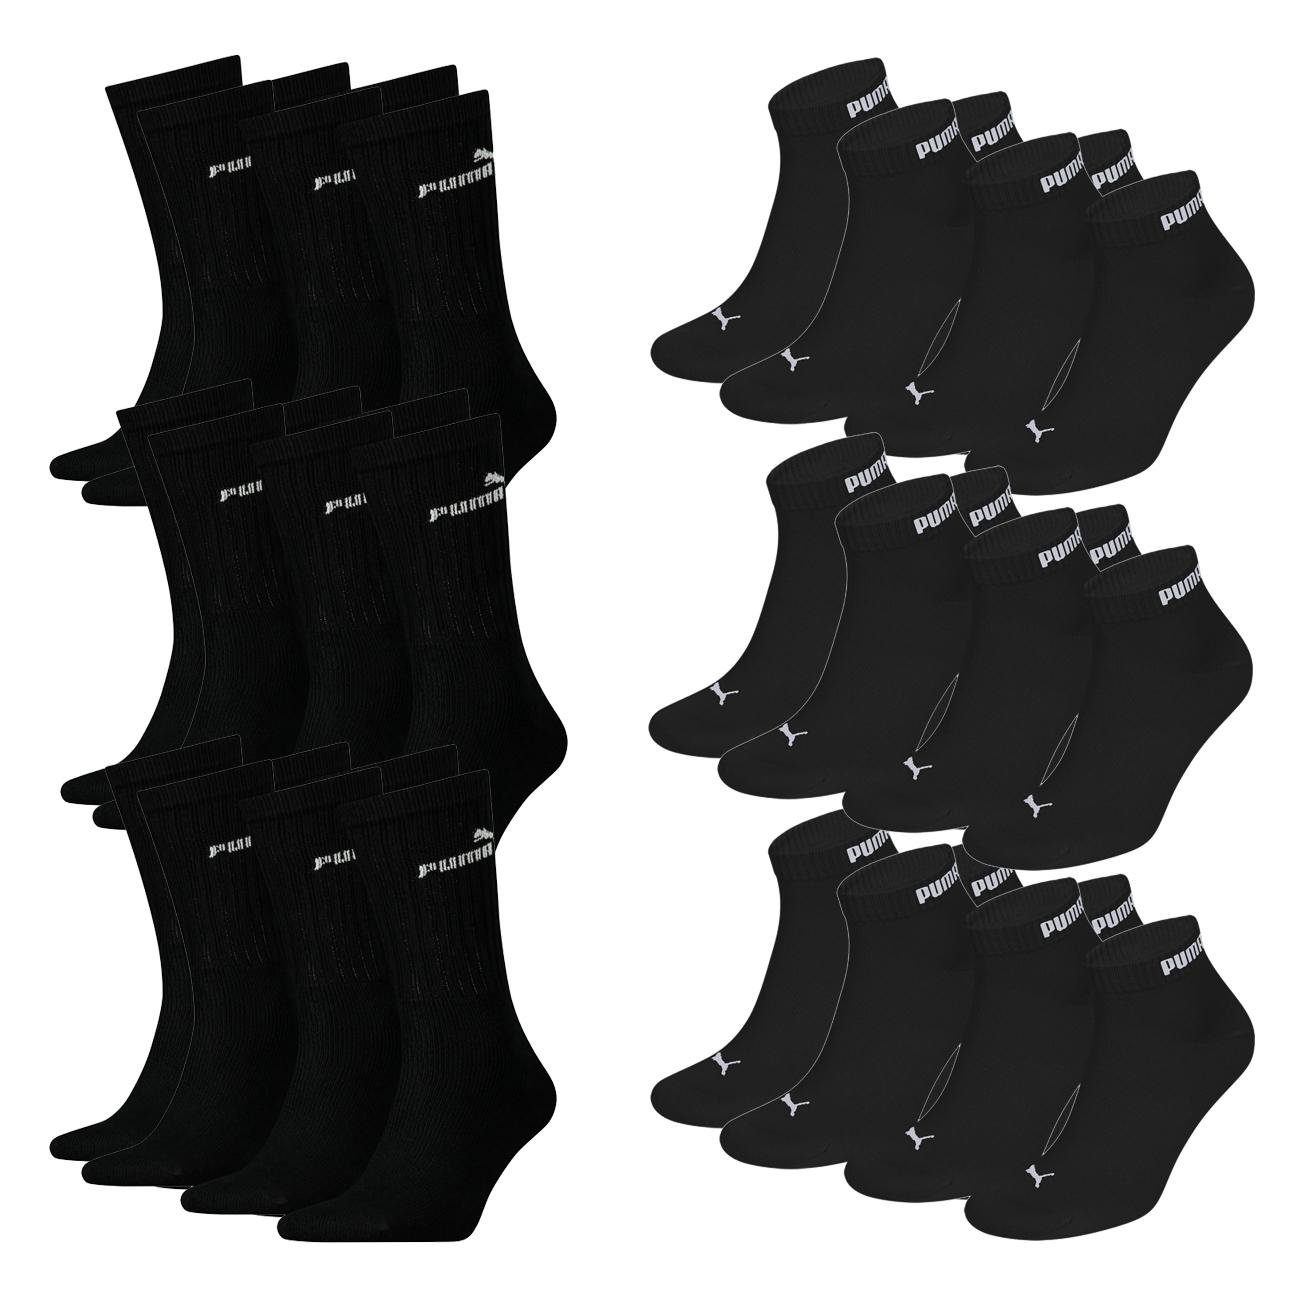 Set aus 9 Puma Classic Sport Socken + 9 PUMA unisex Quarter Clyde + 1 Paar Puma Socken Gratis